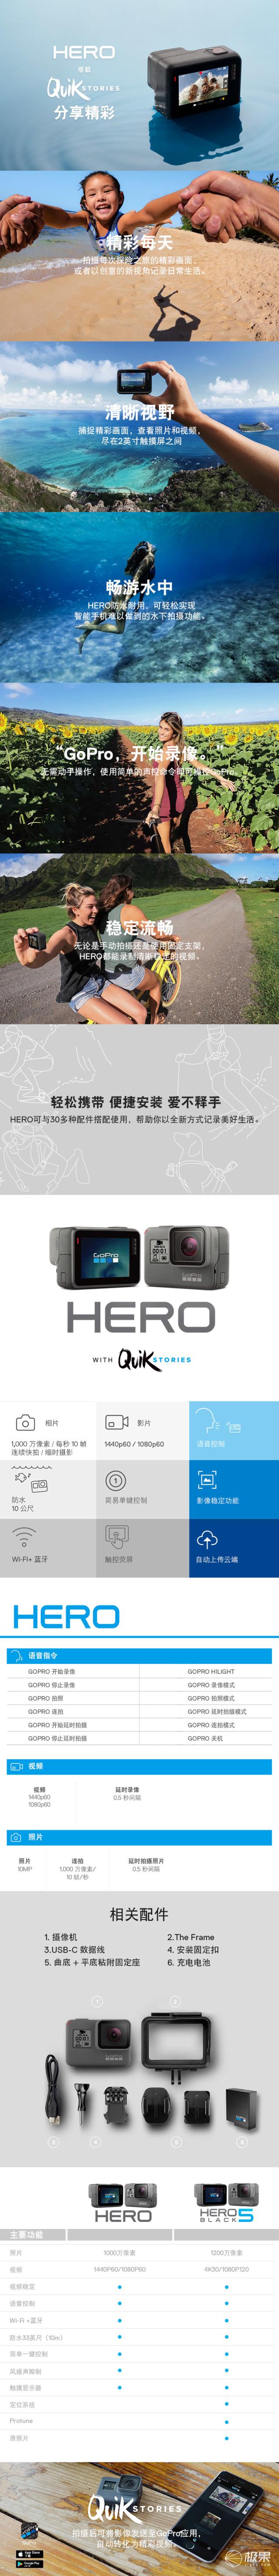 GoProHero相机